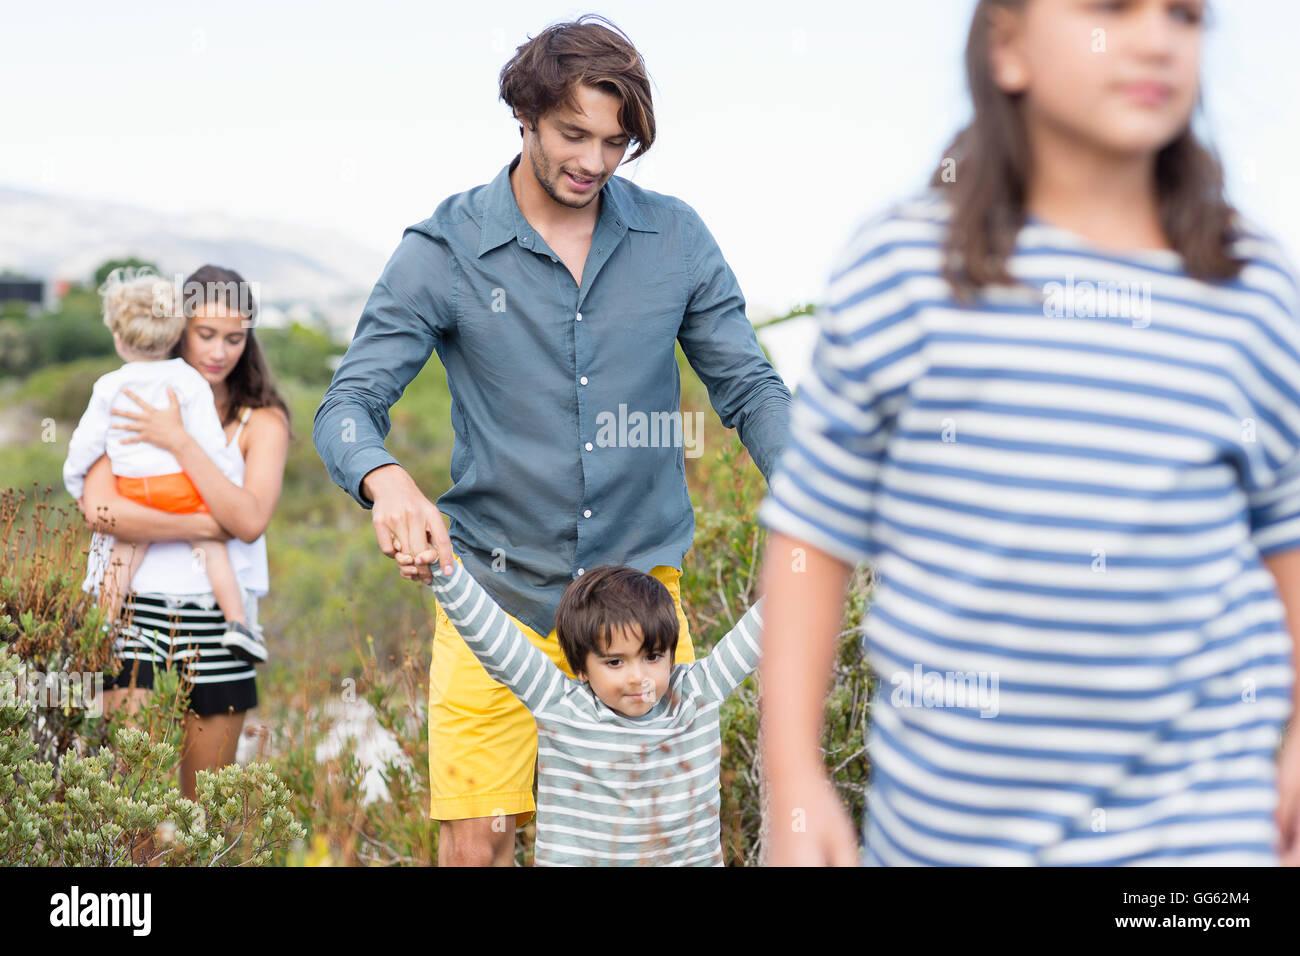 Famiglia camminando in un prato Immagini Stock